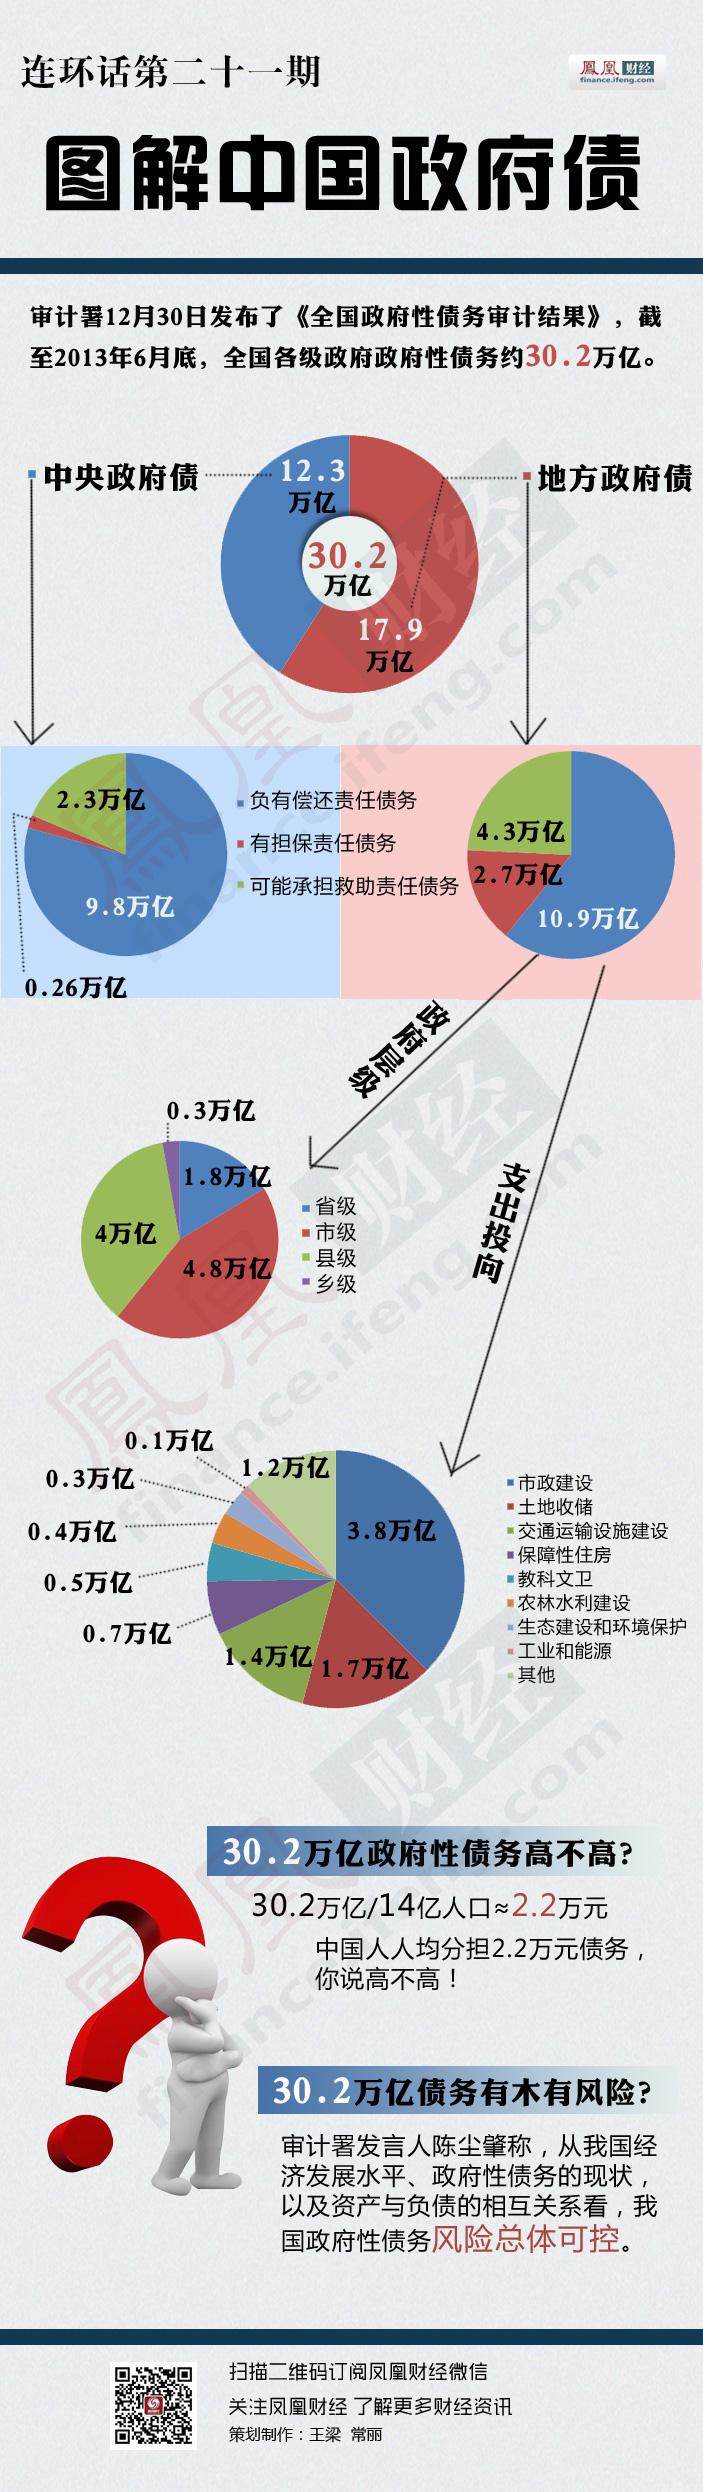 凤凰网图解中国政府债务 - 江湖如烟 - 江湖独行侠